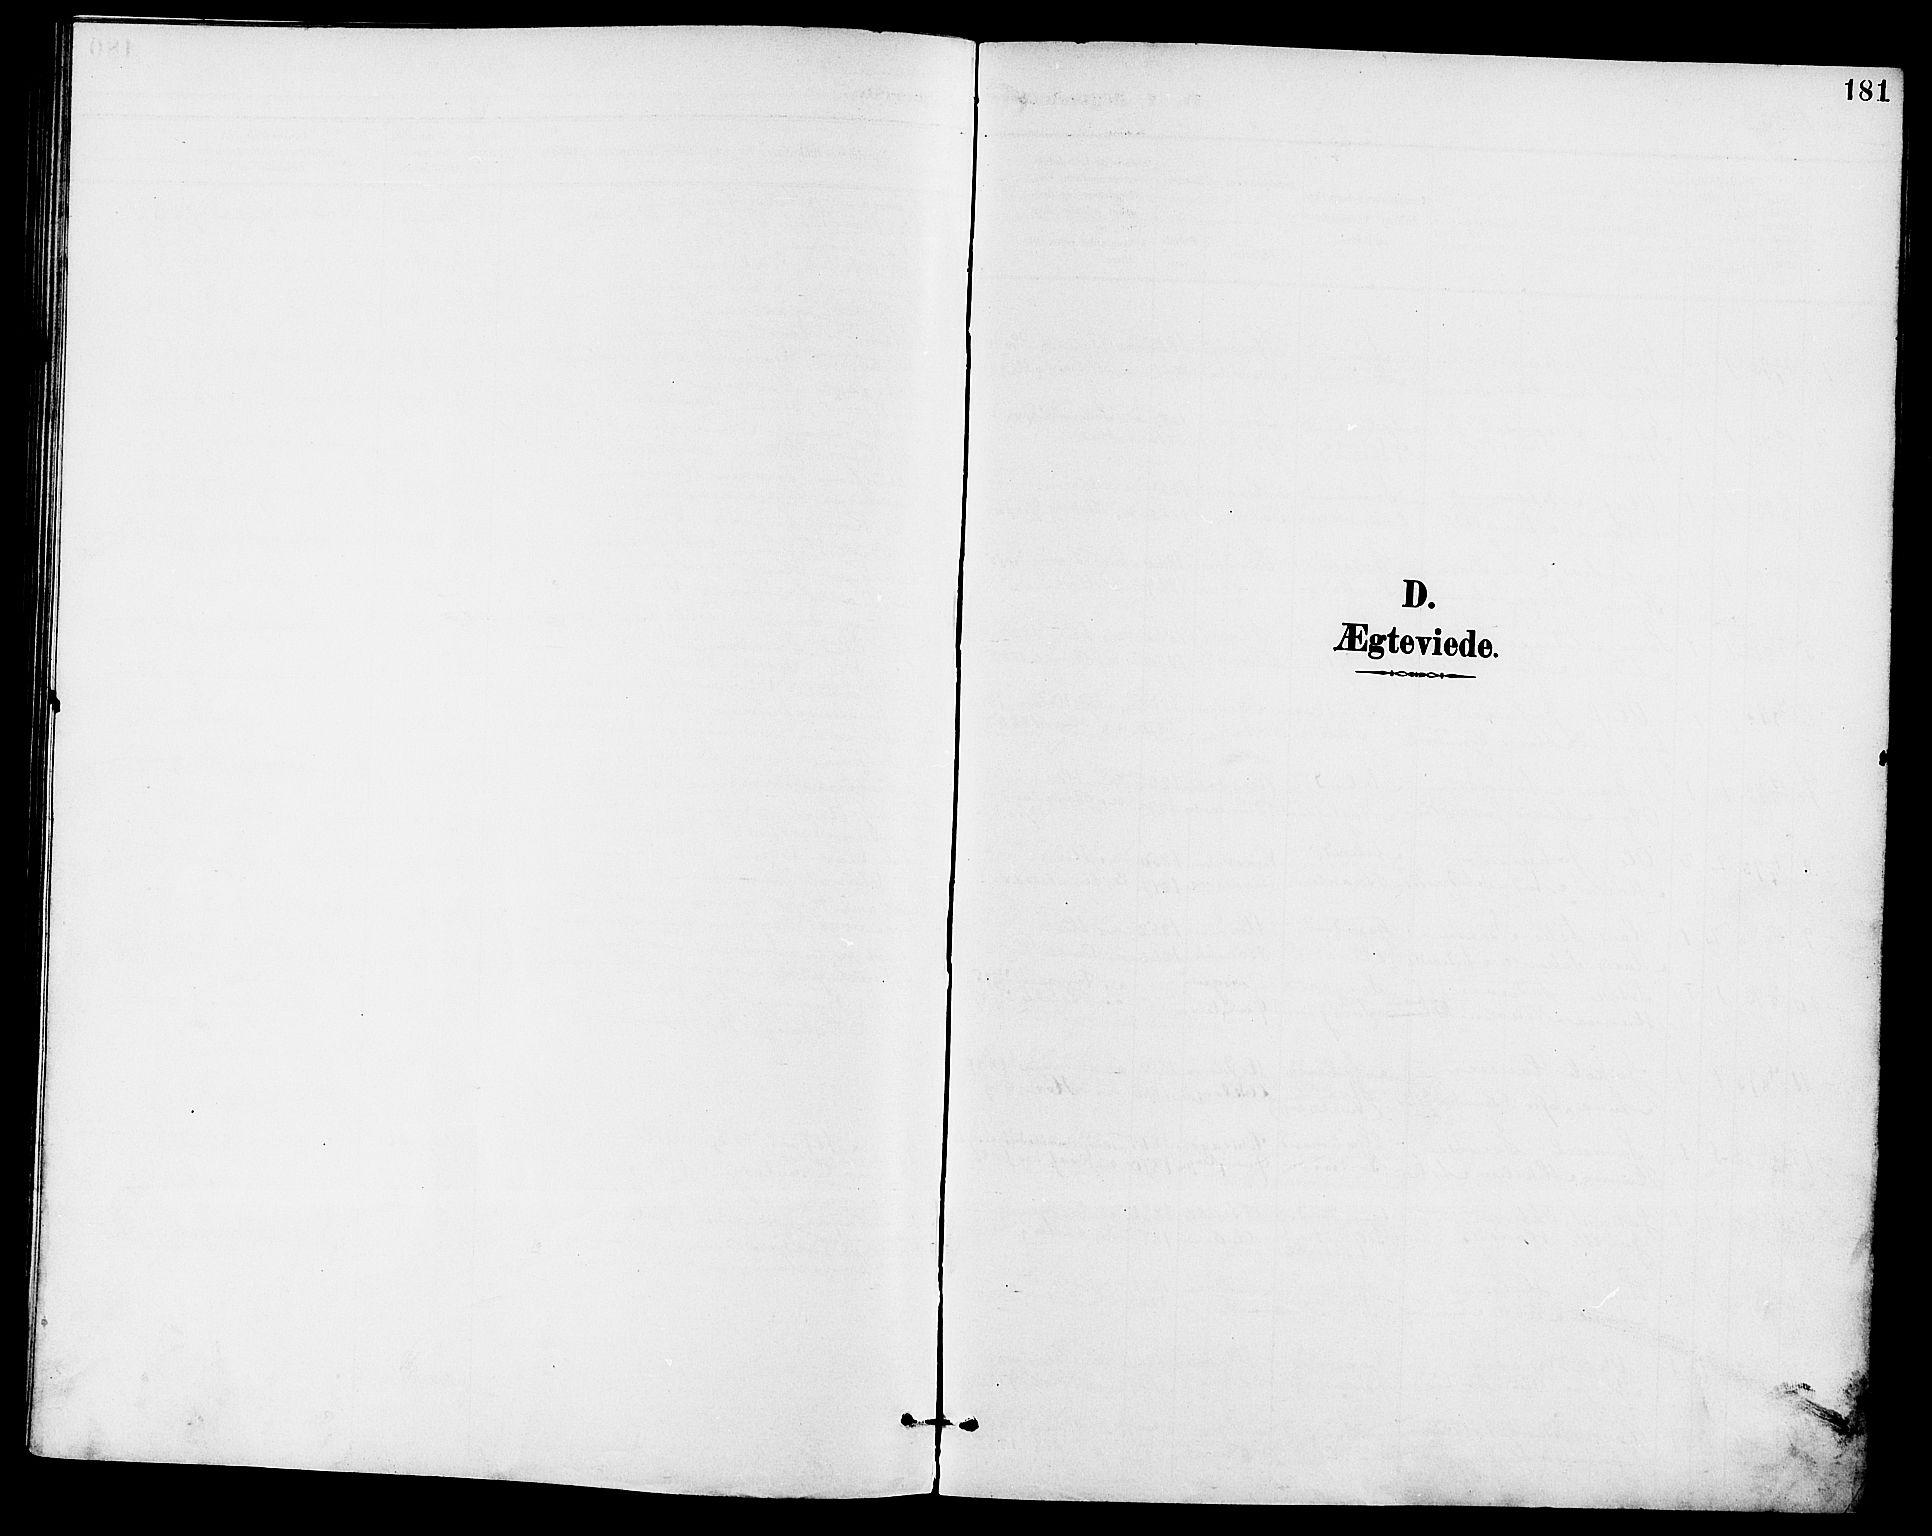 SAKO, Eidanger kirkebøker, G/Ga/L0003: Klokkerbok nr. 3, 1893-1911, s. 181